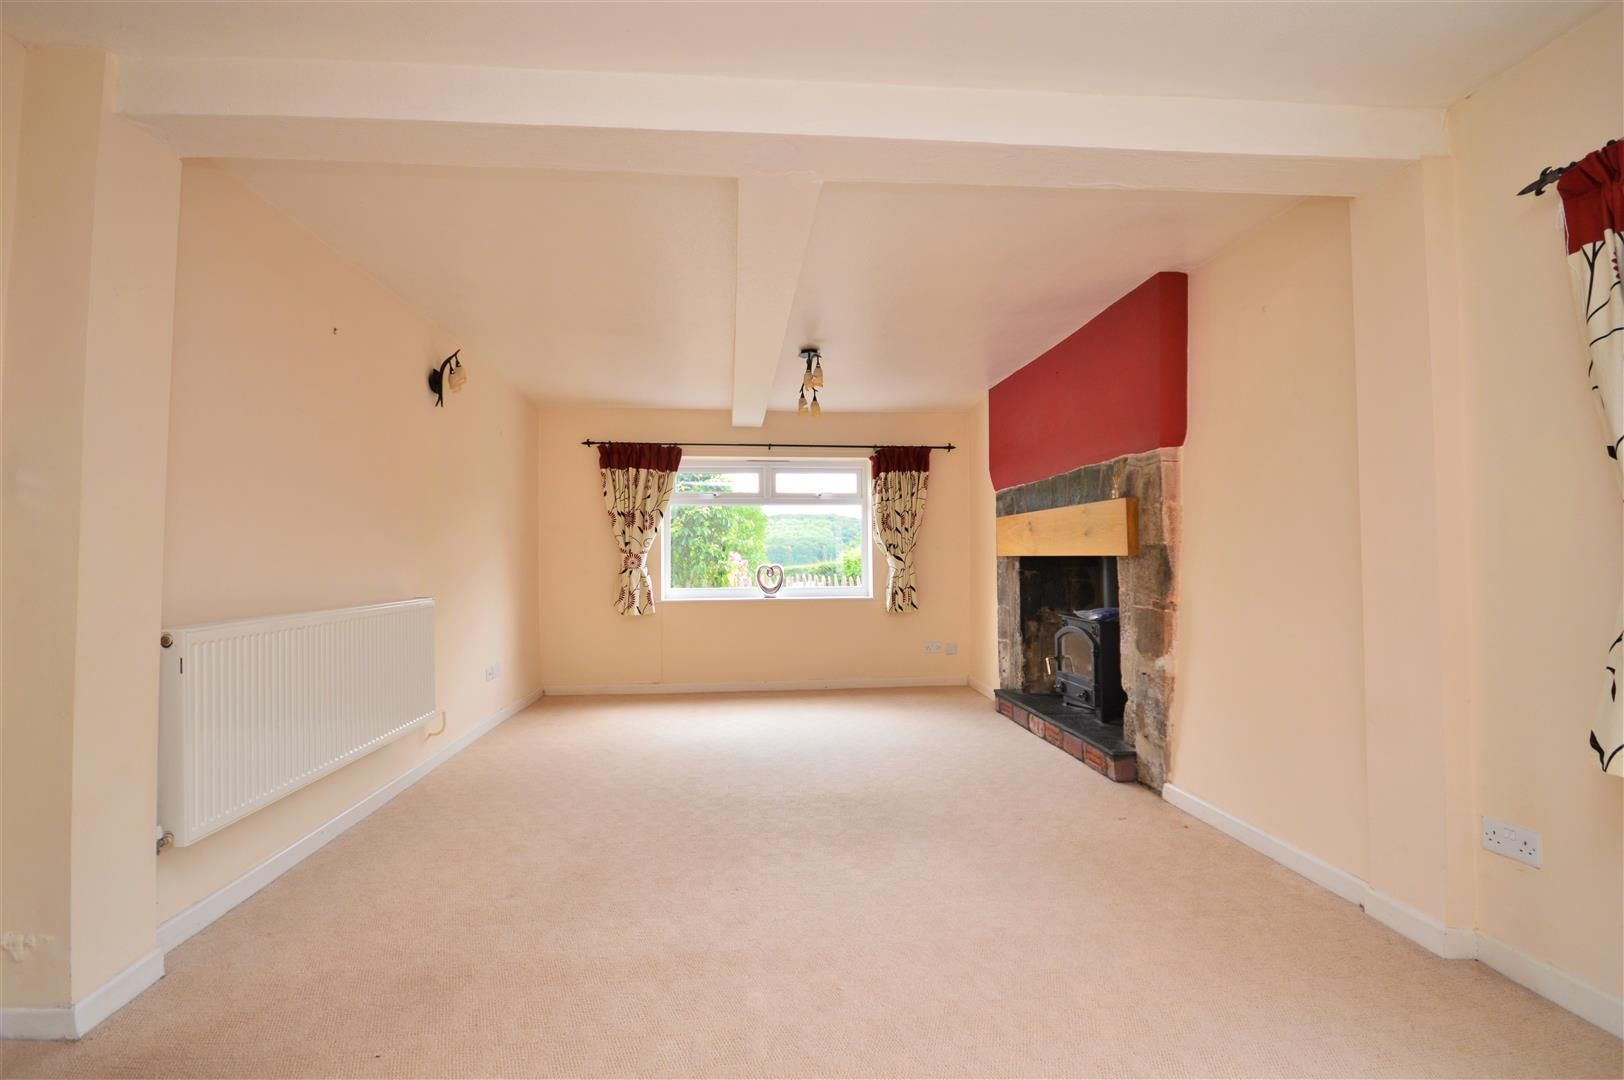 4 bed detached for sale in Tillington  - Property Image 9